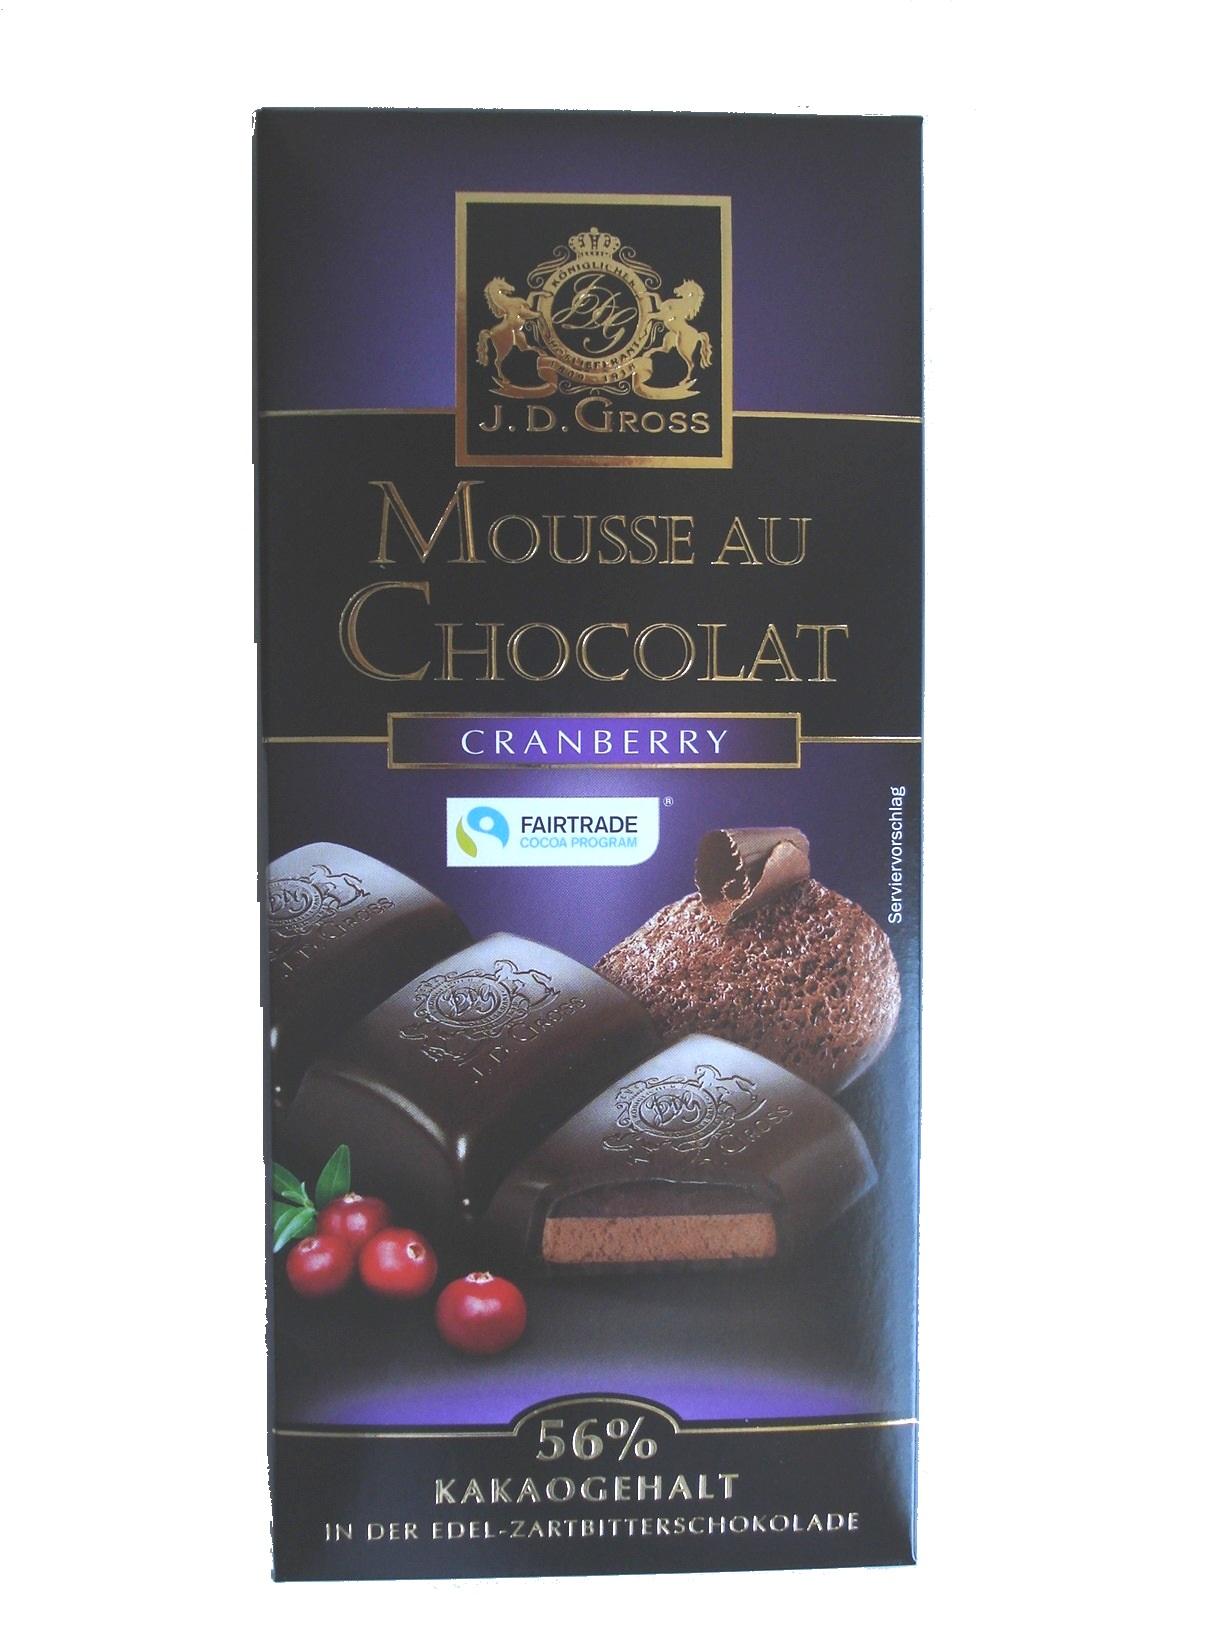 Mousse au Chocolat Cranberry